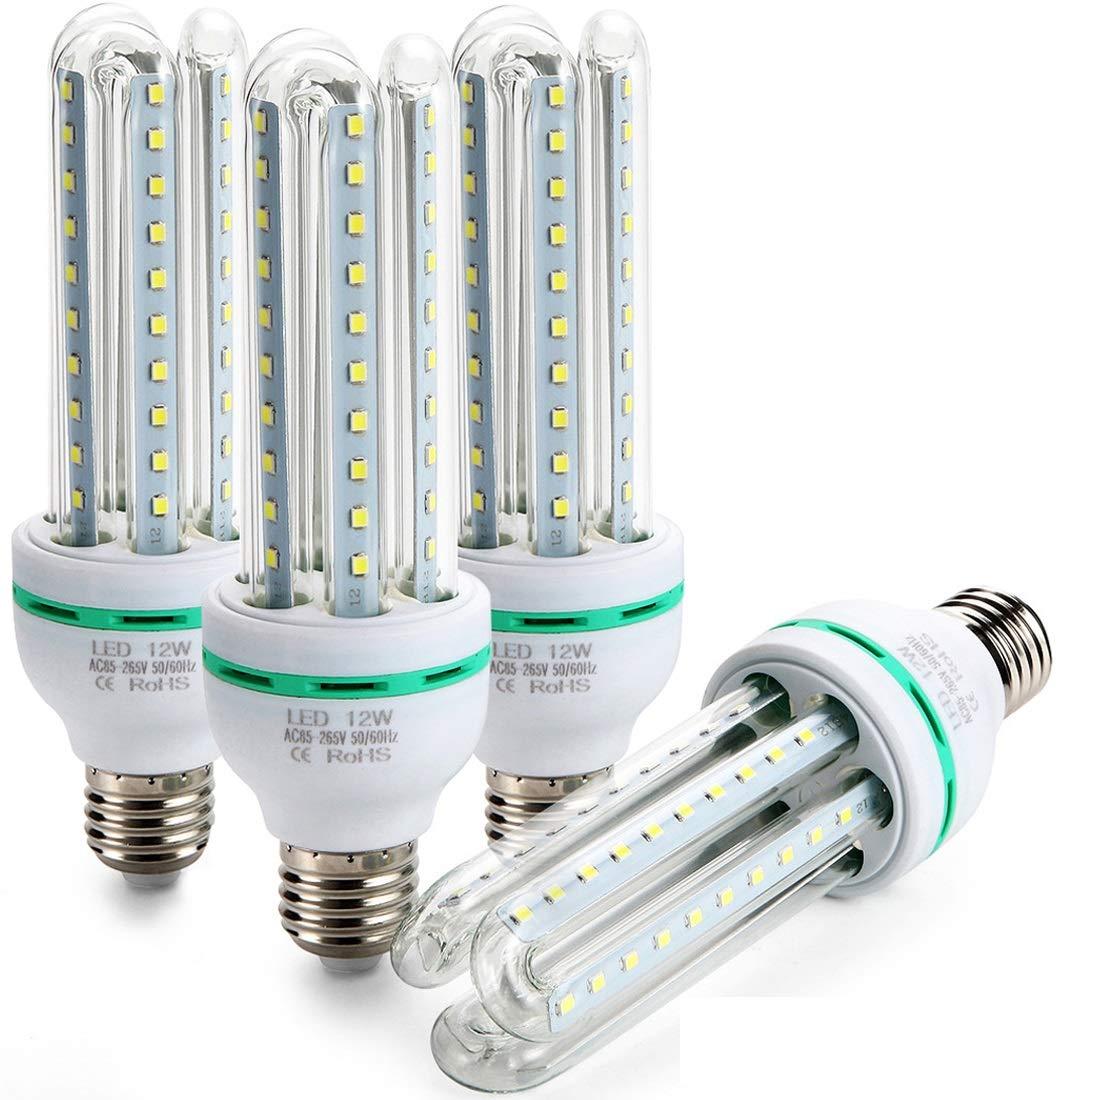 Bulbs 12w Light 60leds Energy Led 4 White KelvinHigh Efficiency Saving Bulbs Lumen Letour Corn Packscool 1150 Daylight6500 FK1TlJ3uc